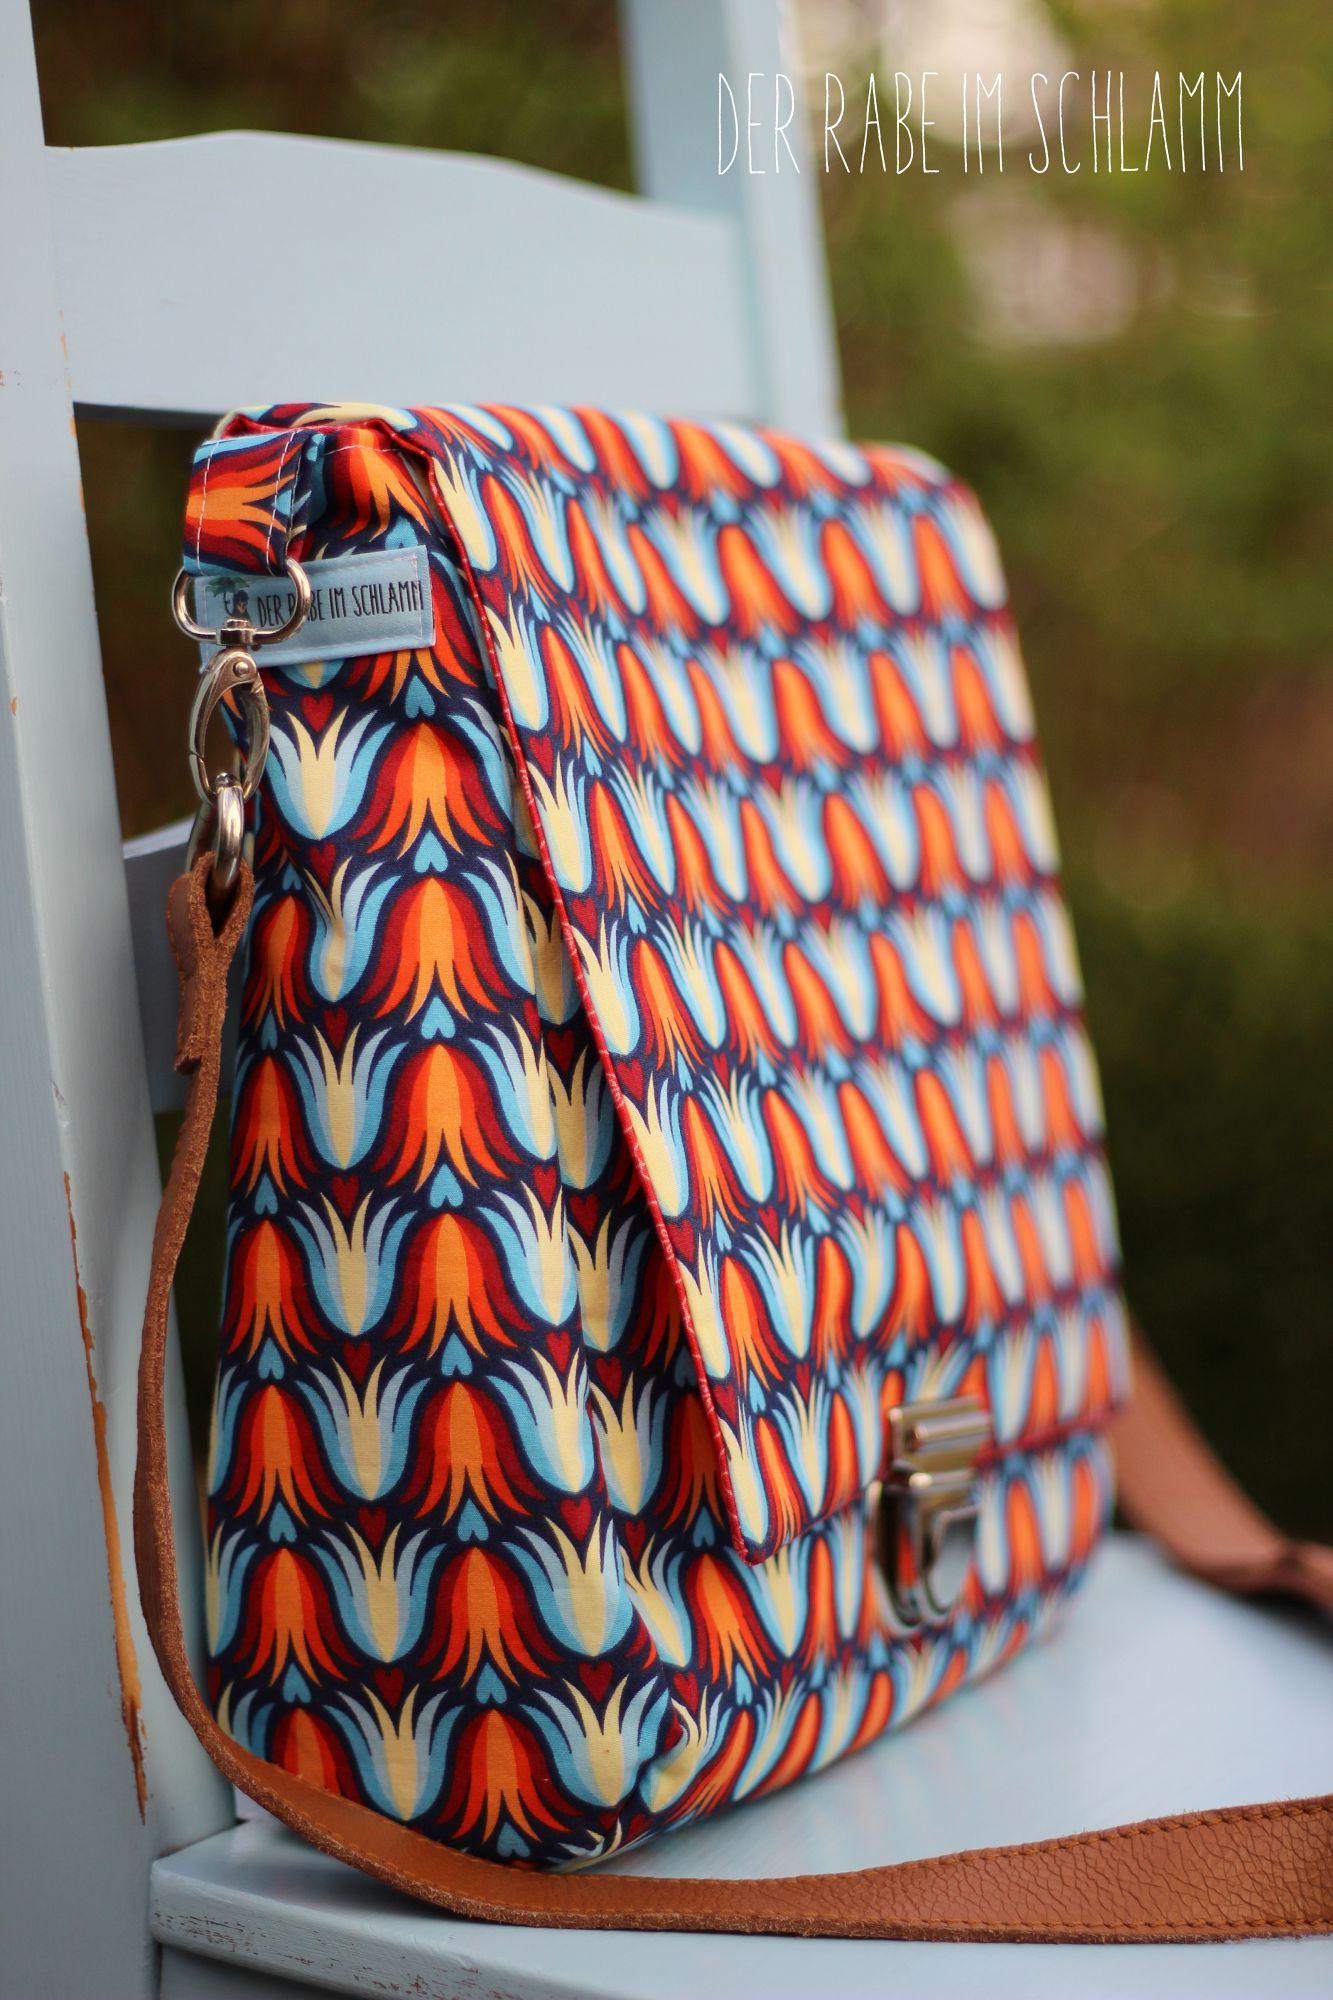 Der Rabe im Schlamm, Retrotasche, Taschenspieler 3, farbenmix, Nähen, Taschen